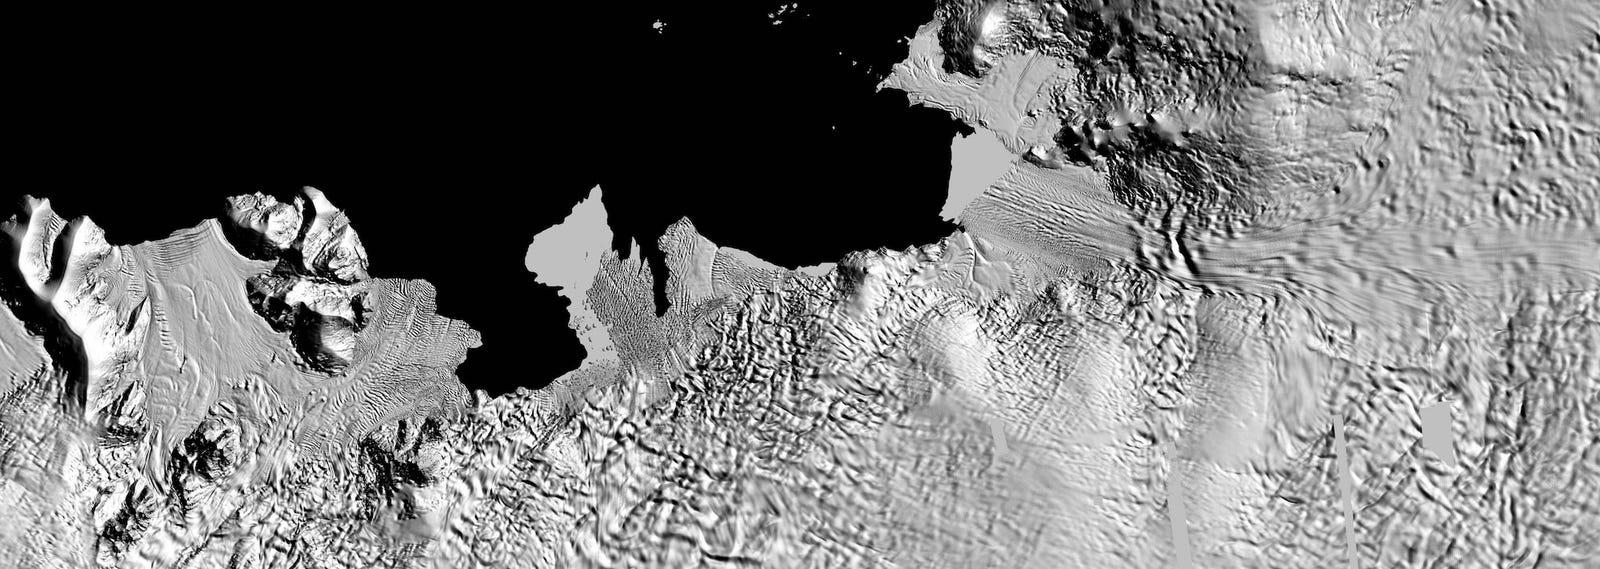 mc5redgponuw8yjsdnif Satellite Map Of Antarctica Winter on large map antarctica, temperature of antarctica, outline map of antarctica, water map of antarctica, city of antarctica, world map of antarctica, virtual tour of antarctica, political map of antarctica, village of antarctica, sports of antarctica, blank map of antarctica, precipitation of antarctica, google earth antarctica, topographic map of antarctica, weather of antarctica, how big is antarctica, brown map of antarctica, satellite view of antarctica, street view of antarctica, detailed map of antarctica,